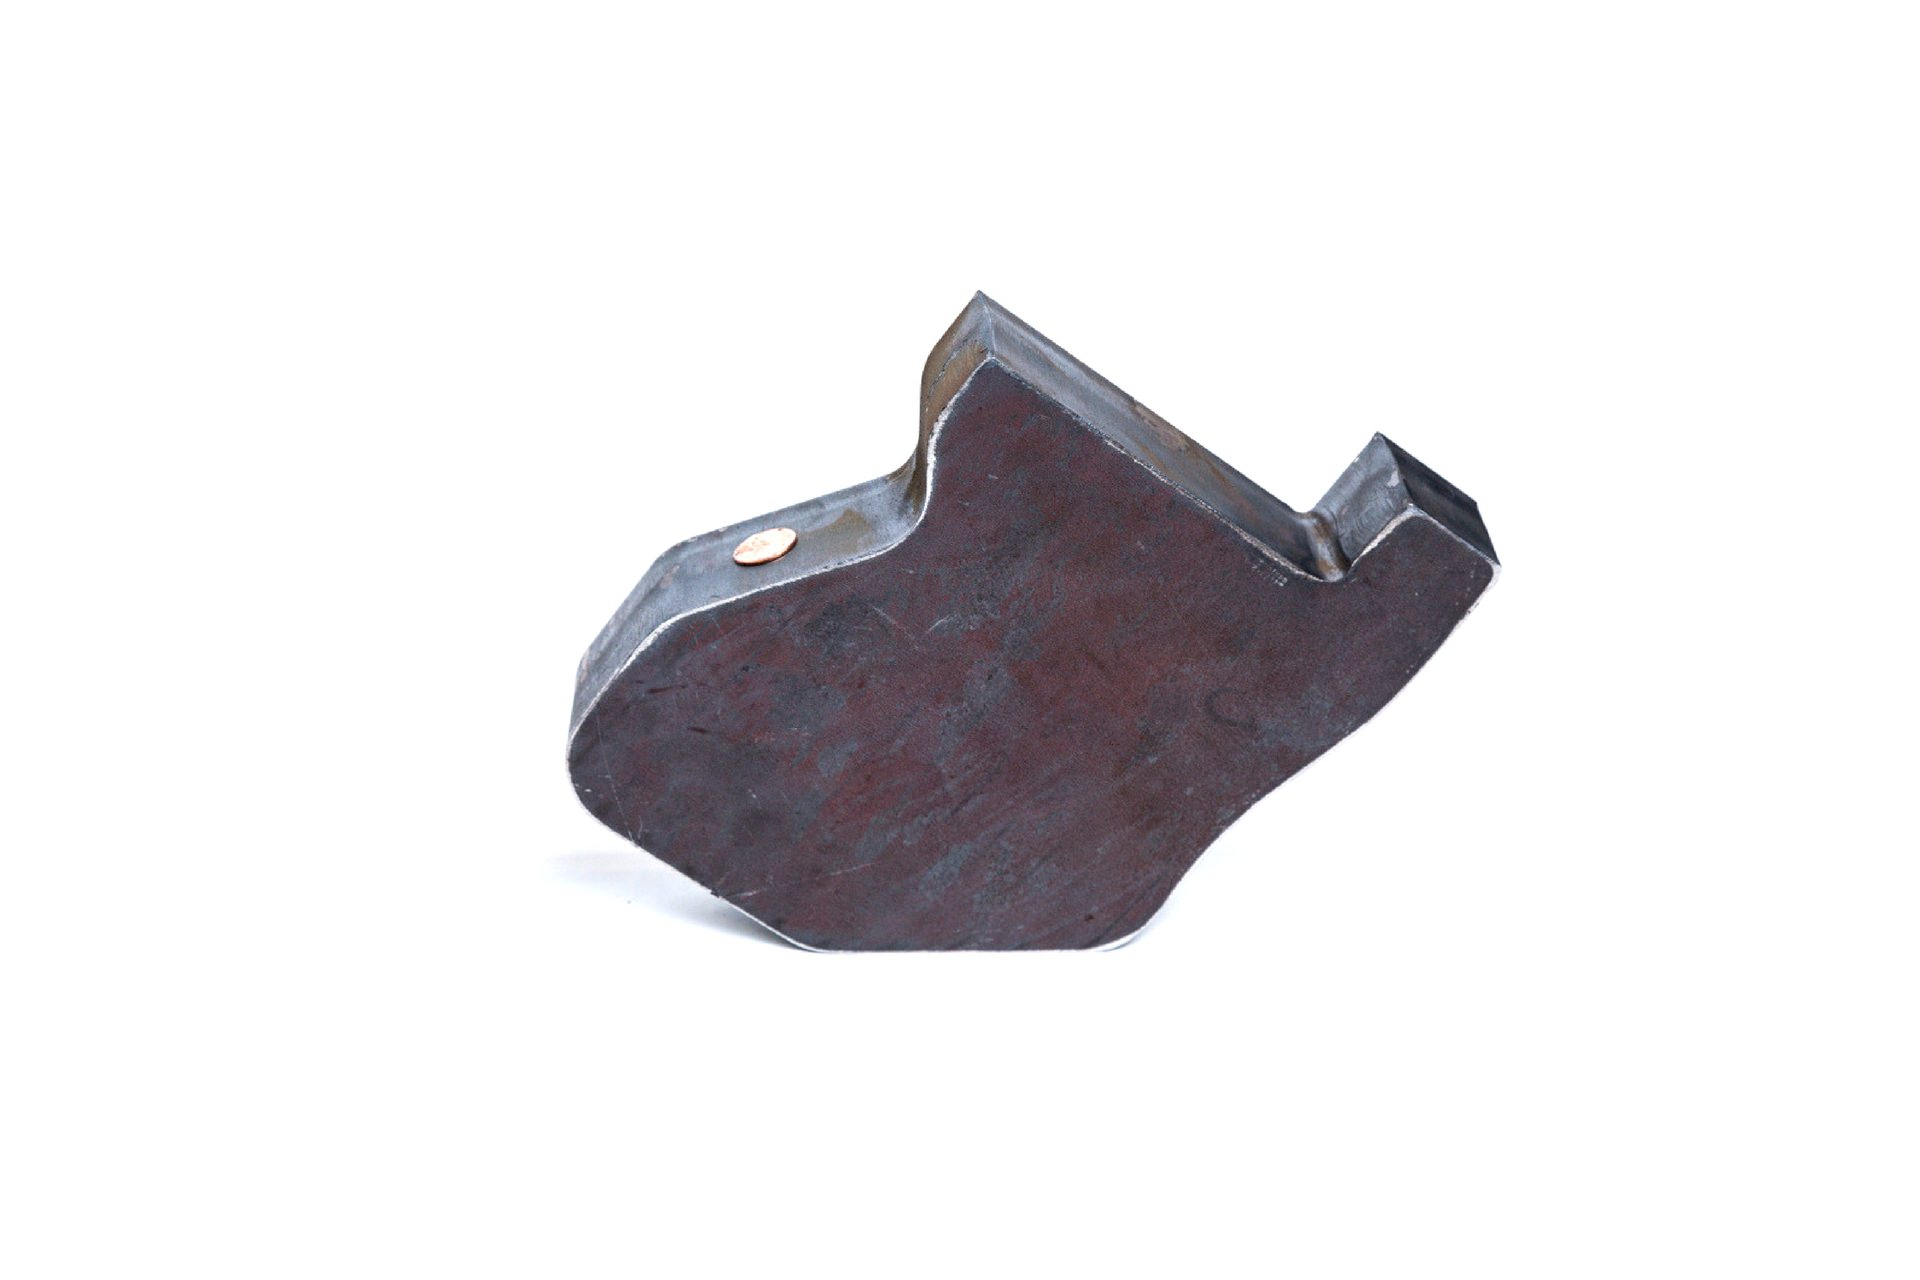 Formen und Arten des autogenem Schneiden von Metallen – 2